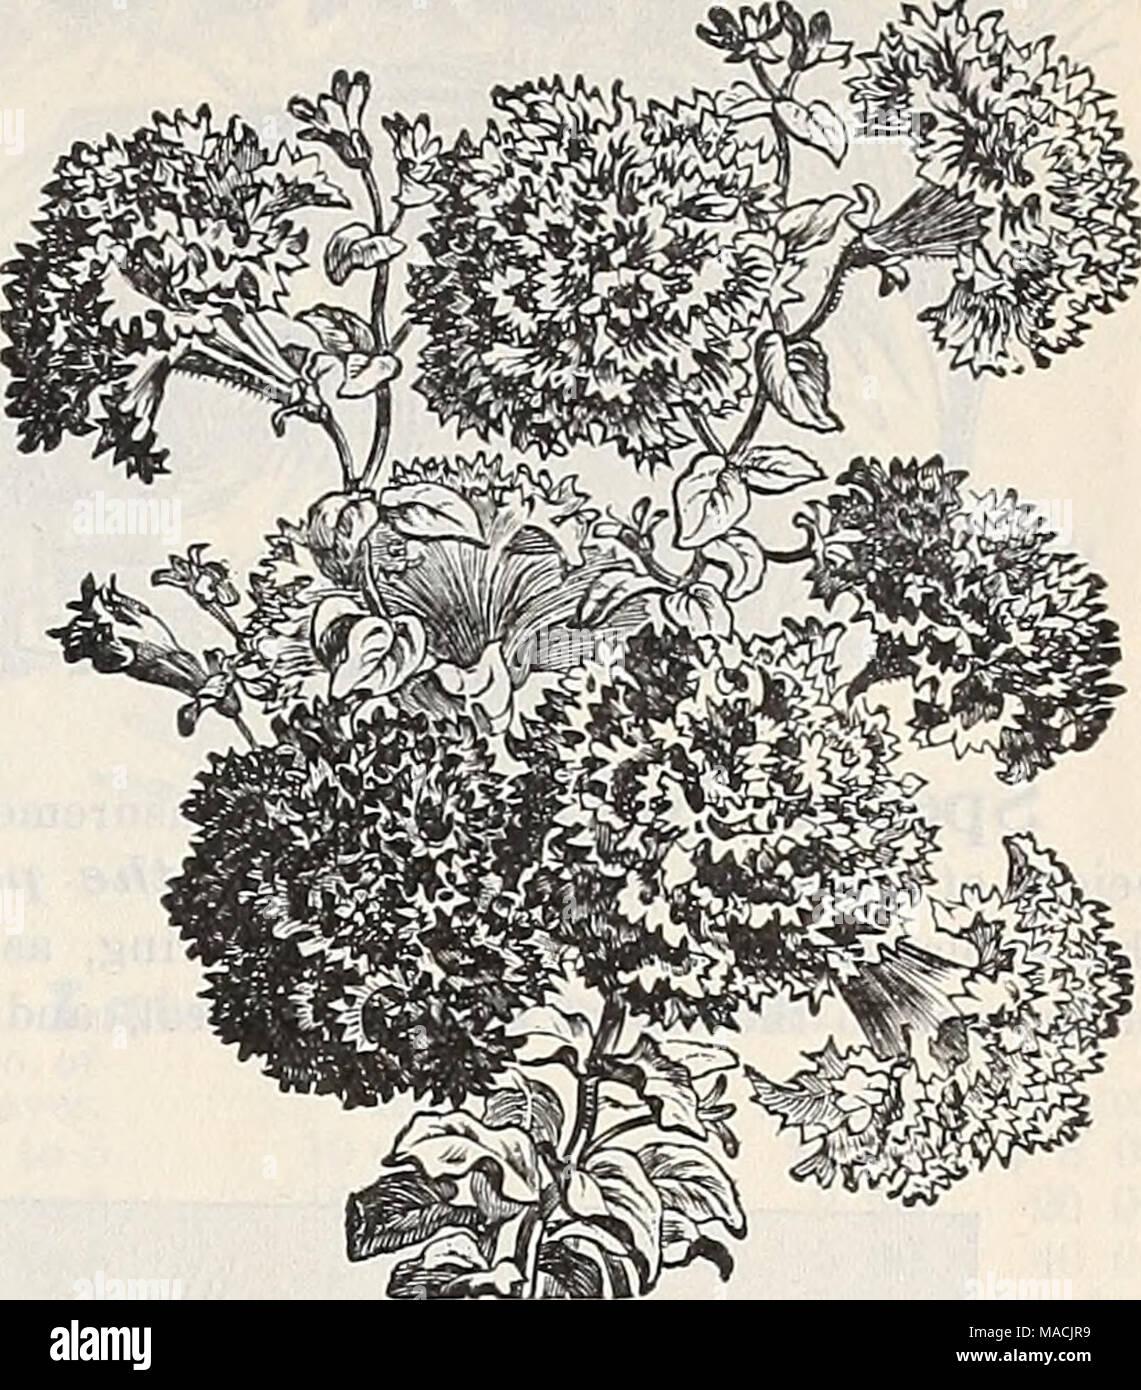 Welche Blumen Blühen Im September dreer der großhandel preisliste herbst ausgabe september 1899